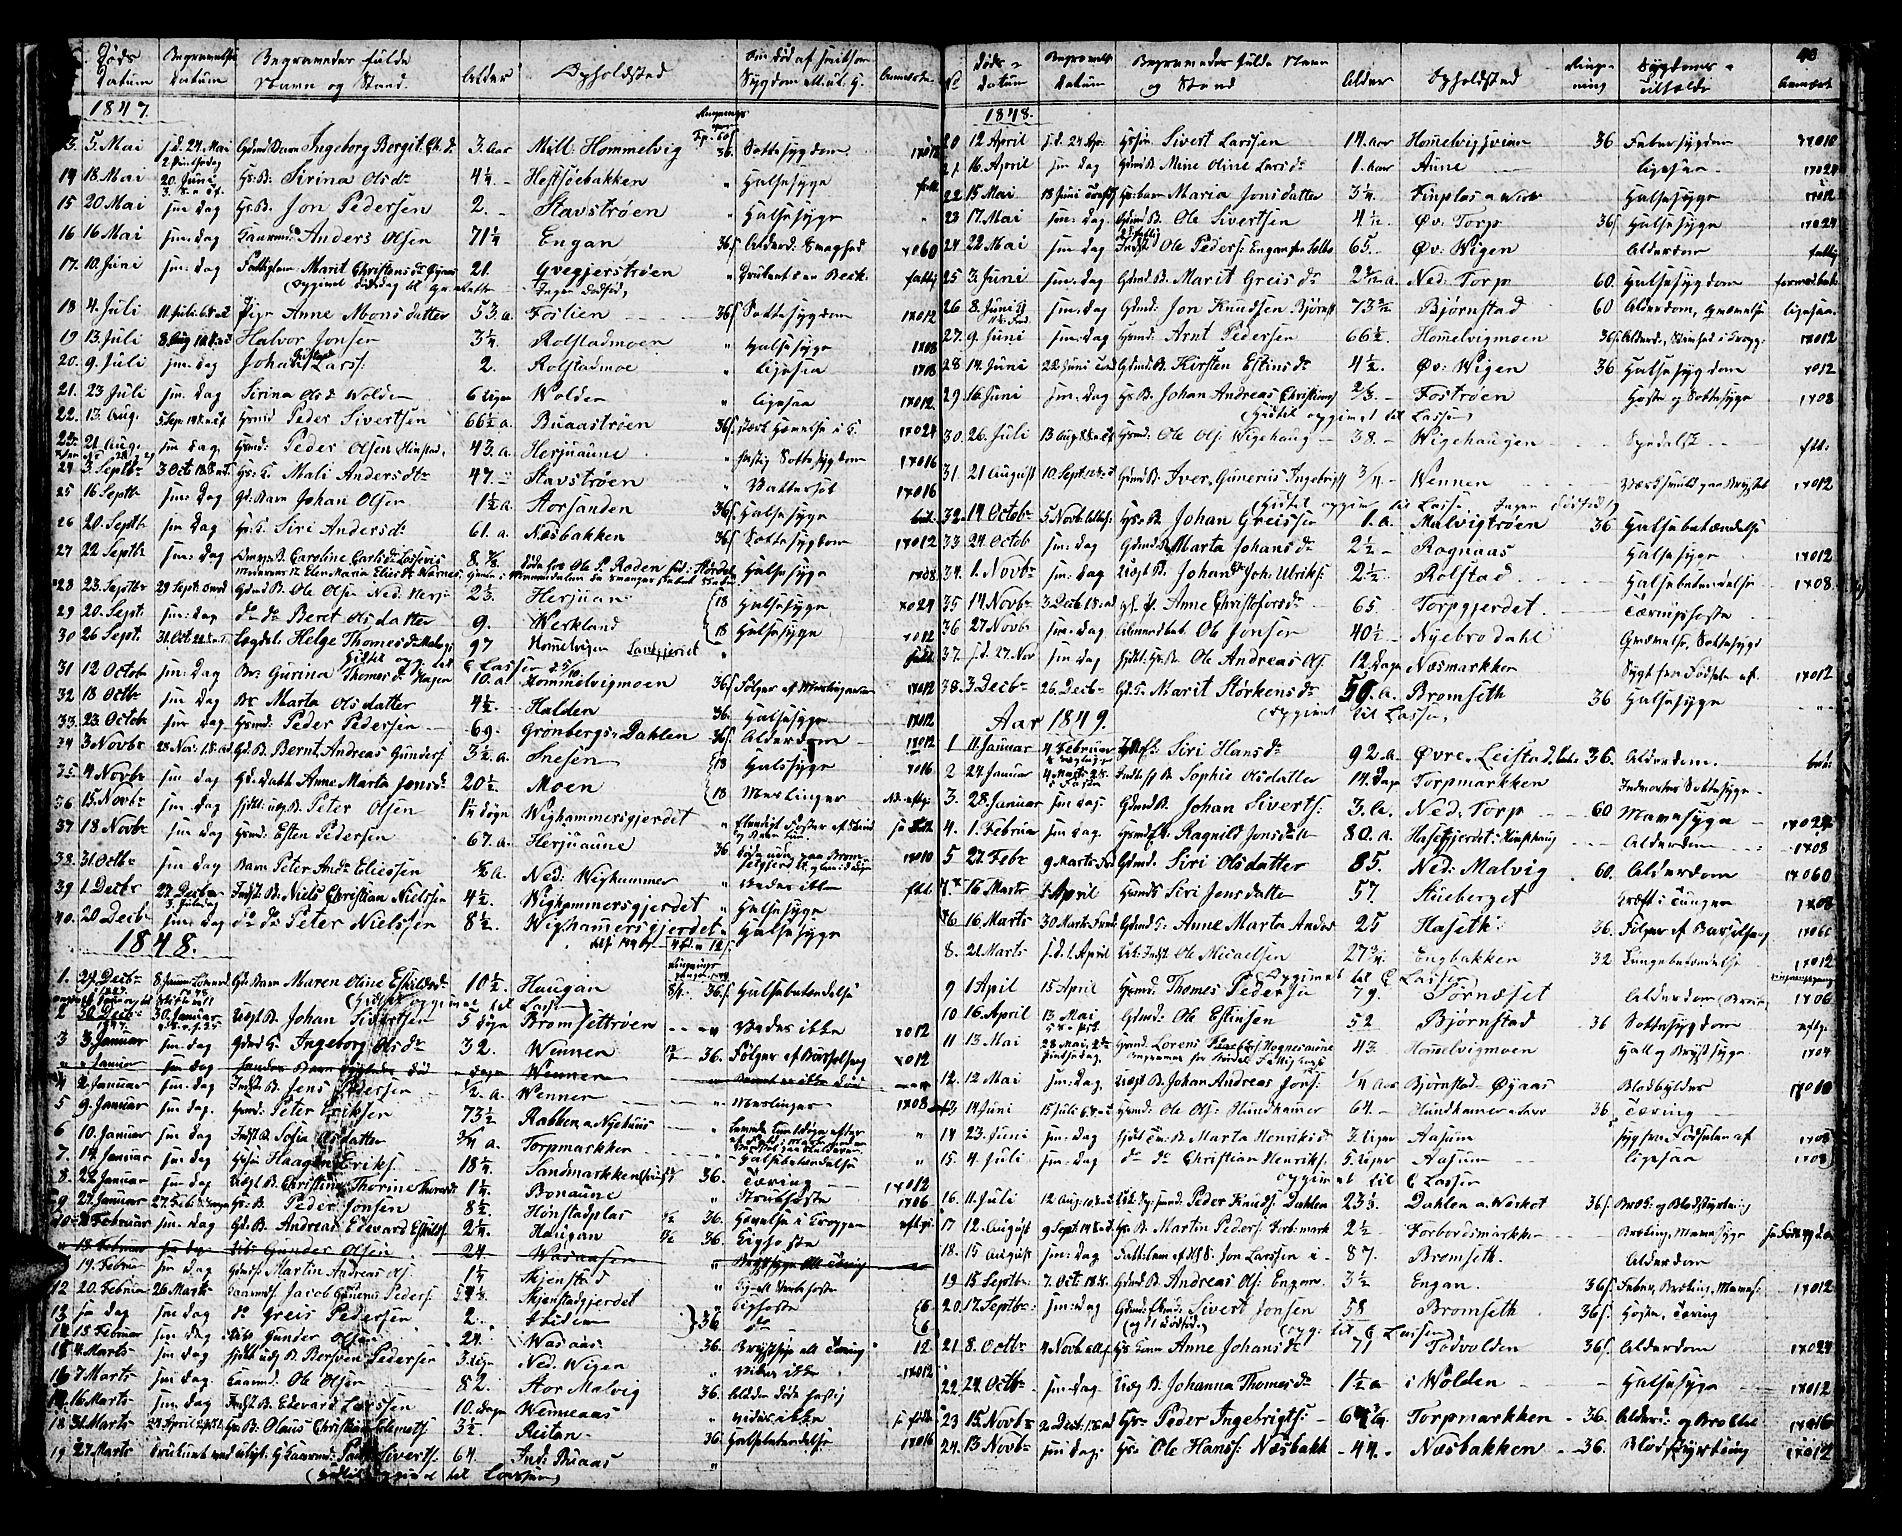 SAT, Ministerialprotokoller, klokkerbøker og fødselsregistre - Sør-Trøndelag, 616/L0421: Klokkerbok nr. 616C04, 1834-1850, s. 40